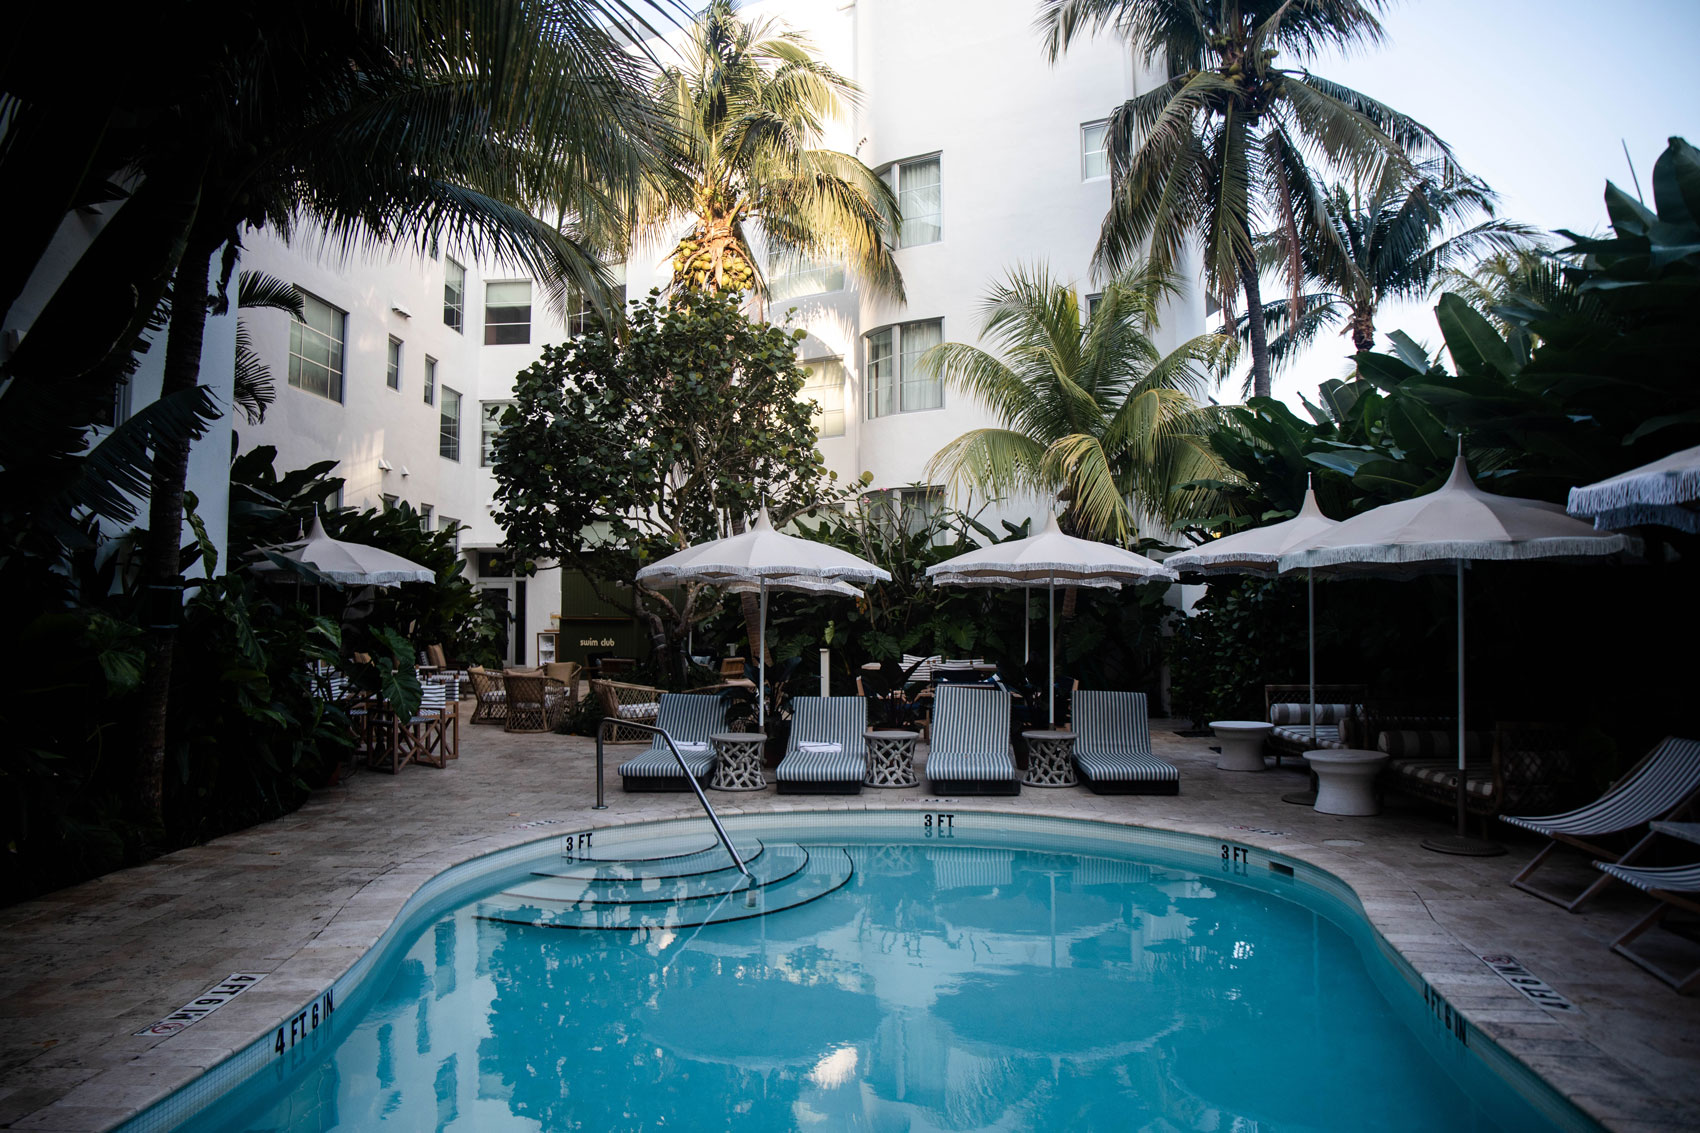 trouver-hotel-avec-piscine-a-miami